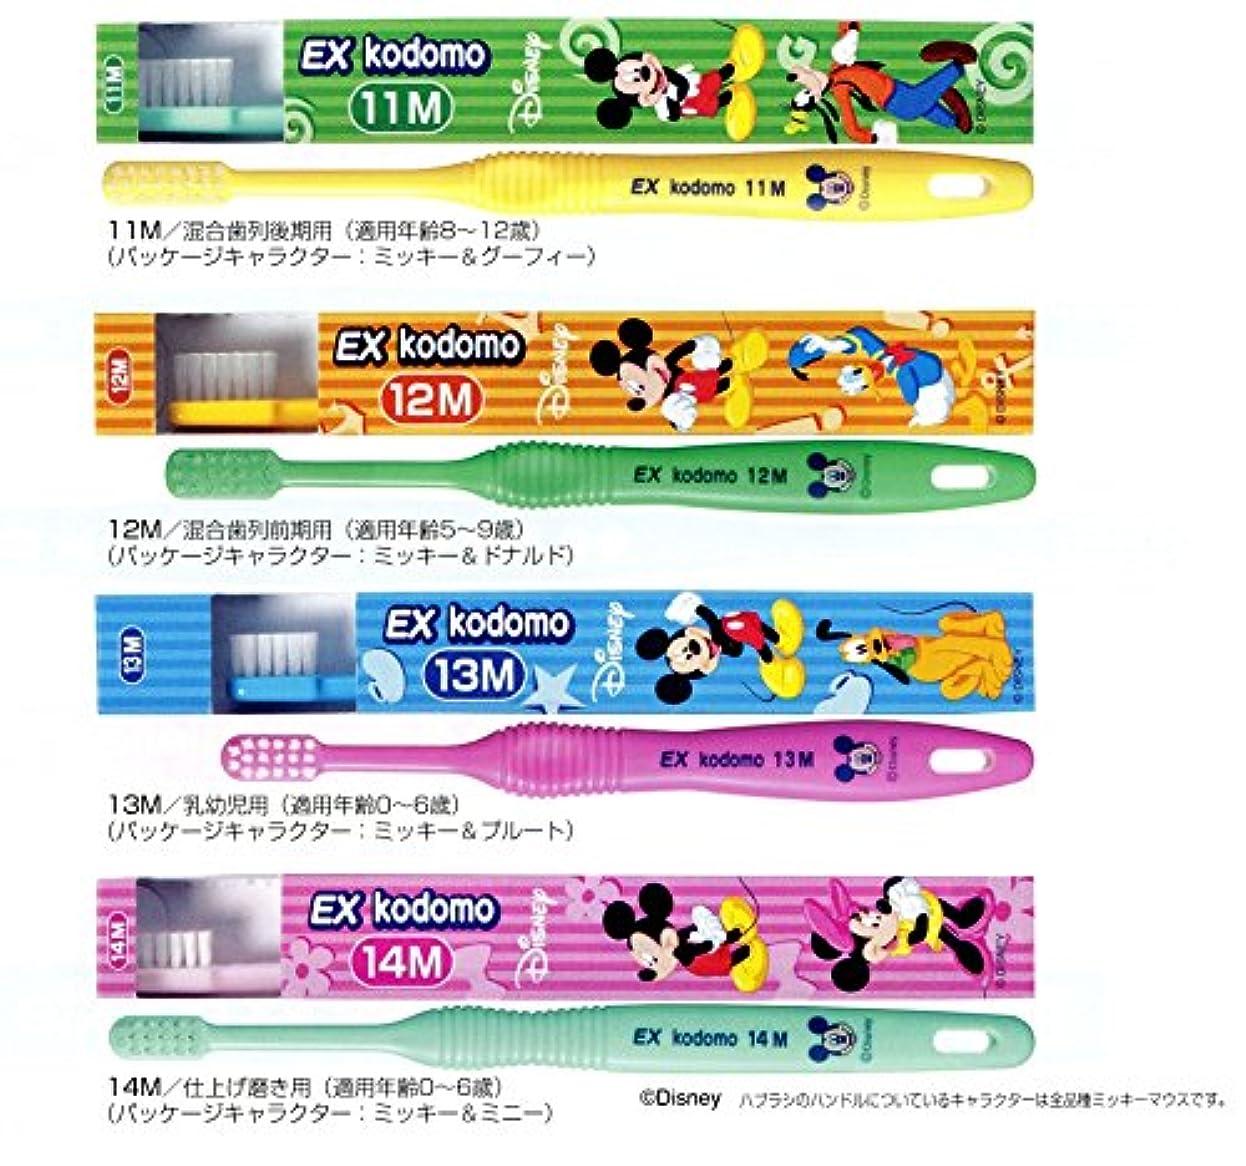 前部数学委任ライオン コドモ ディズニー DENT.EX kodomo Disney 1本 11M イエロー (8?12歳)